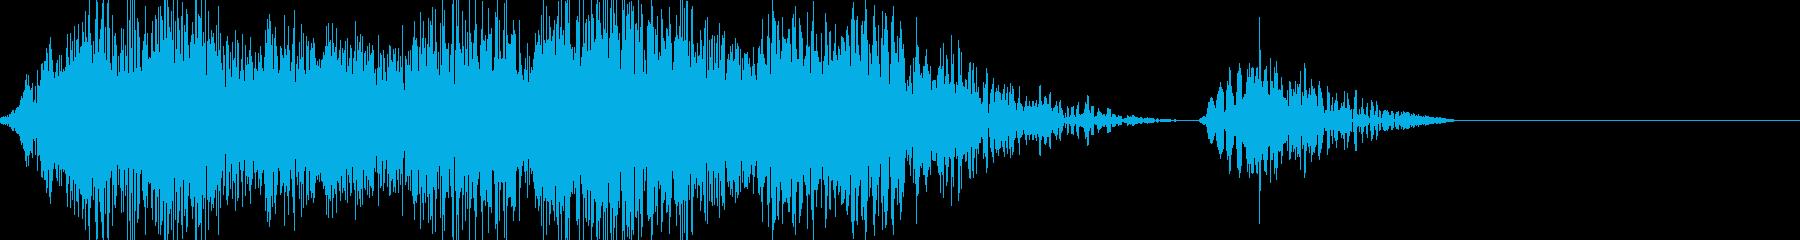 オリジナルのモンスターの鳴き声。電動系の再生済みの波形